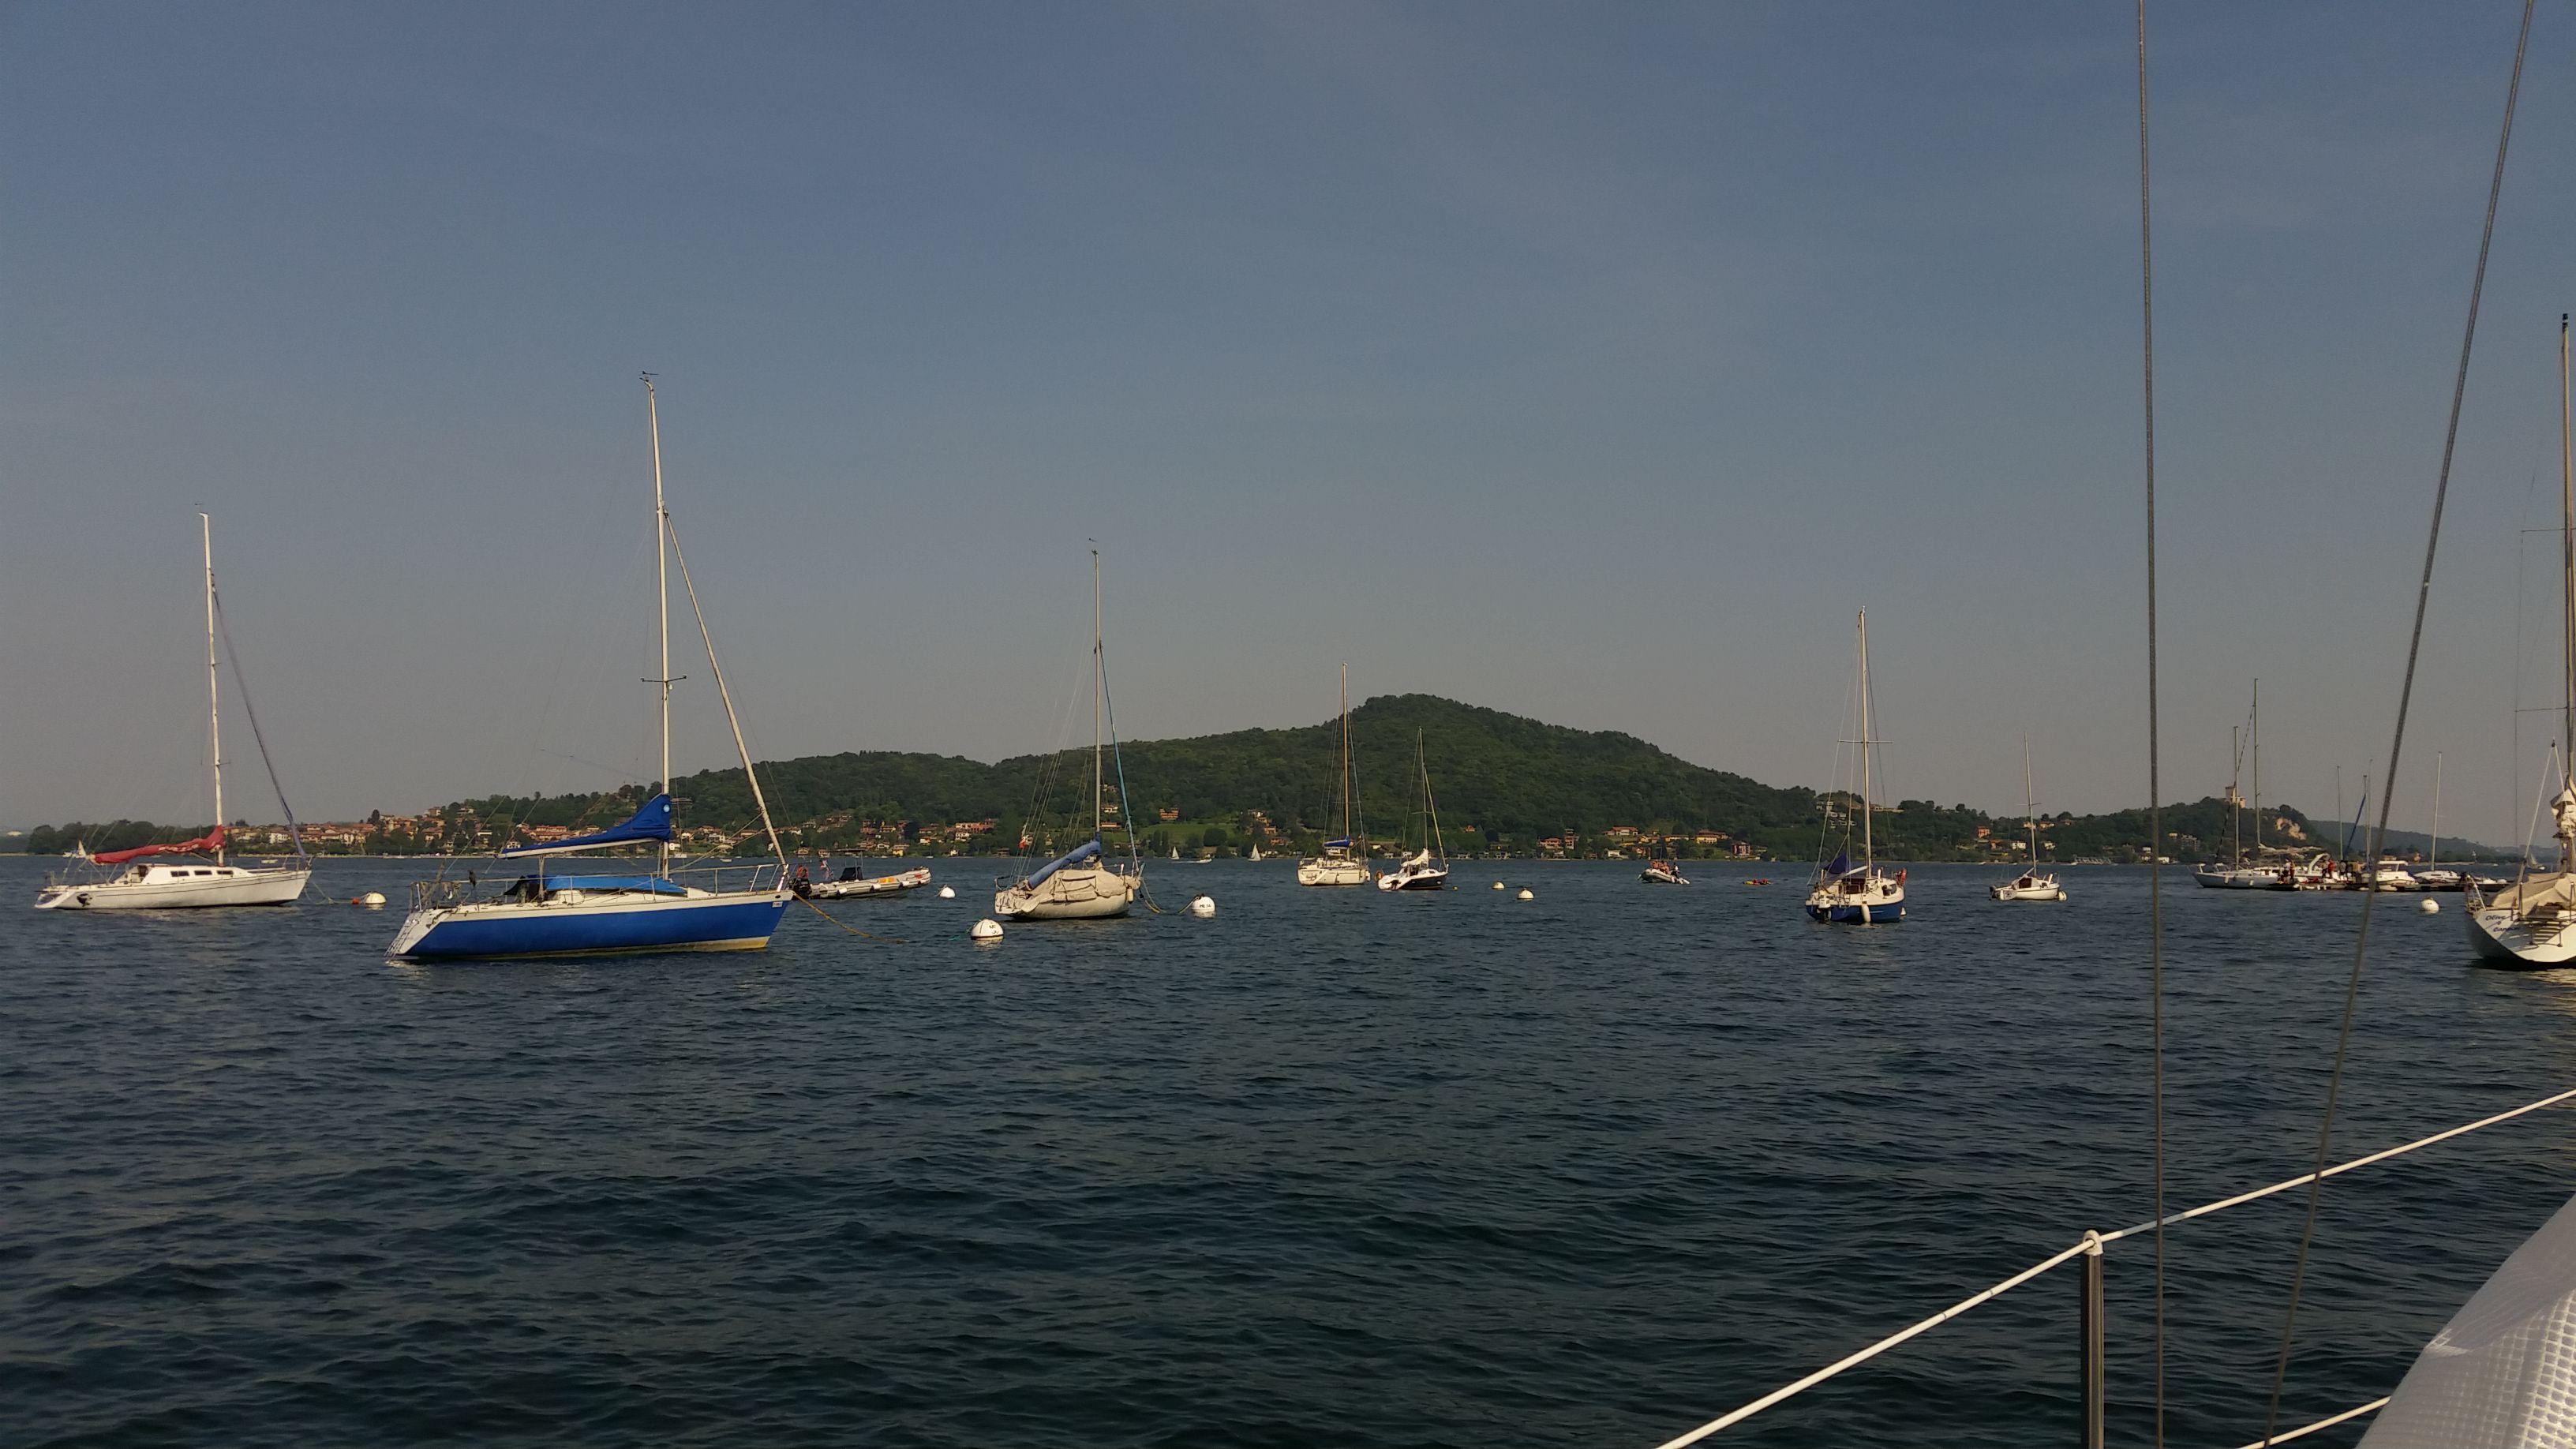 Isole Borromeo